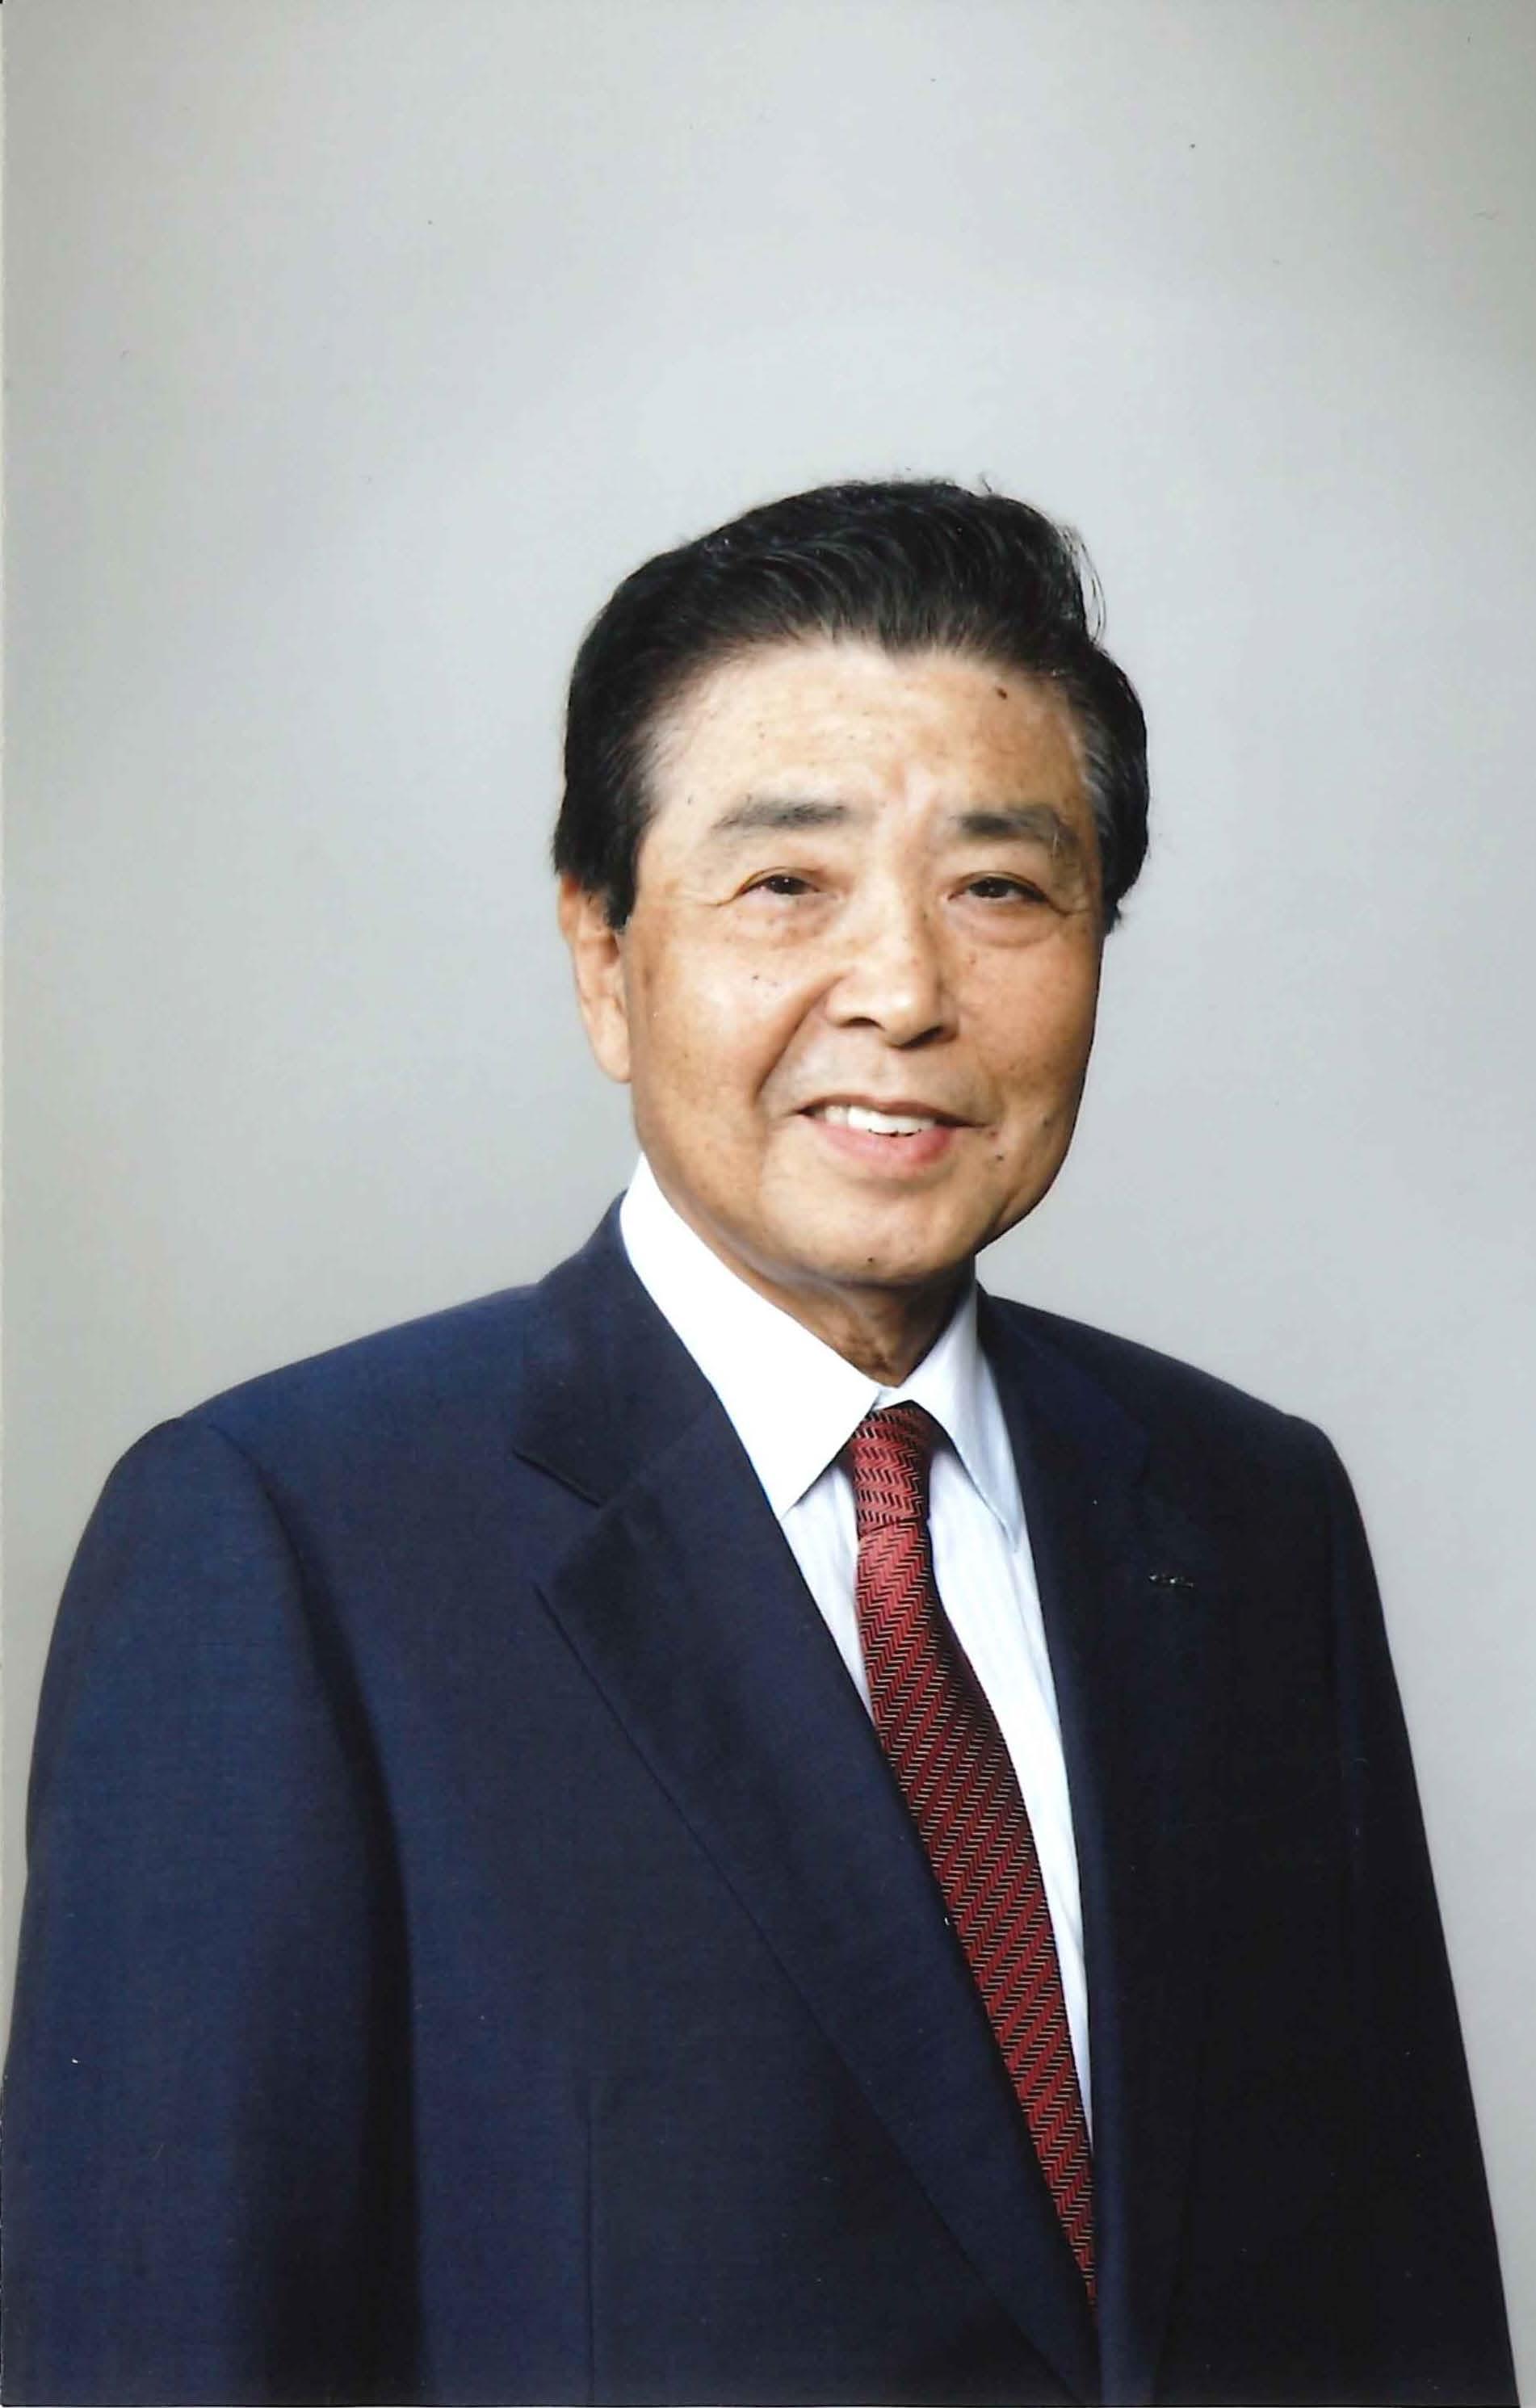 Mr. Hiroshi Yasuda